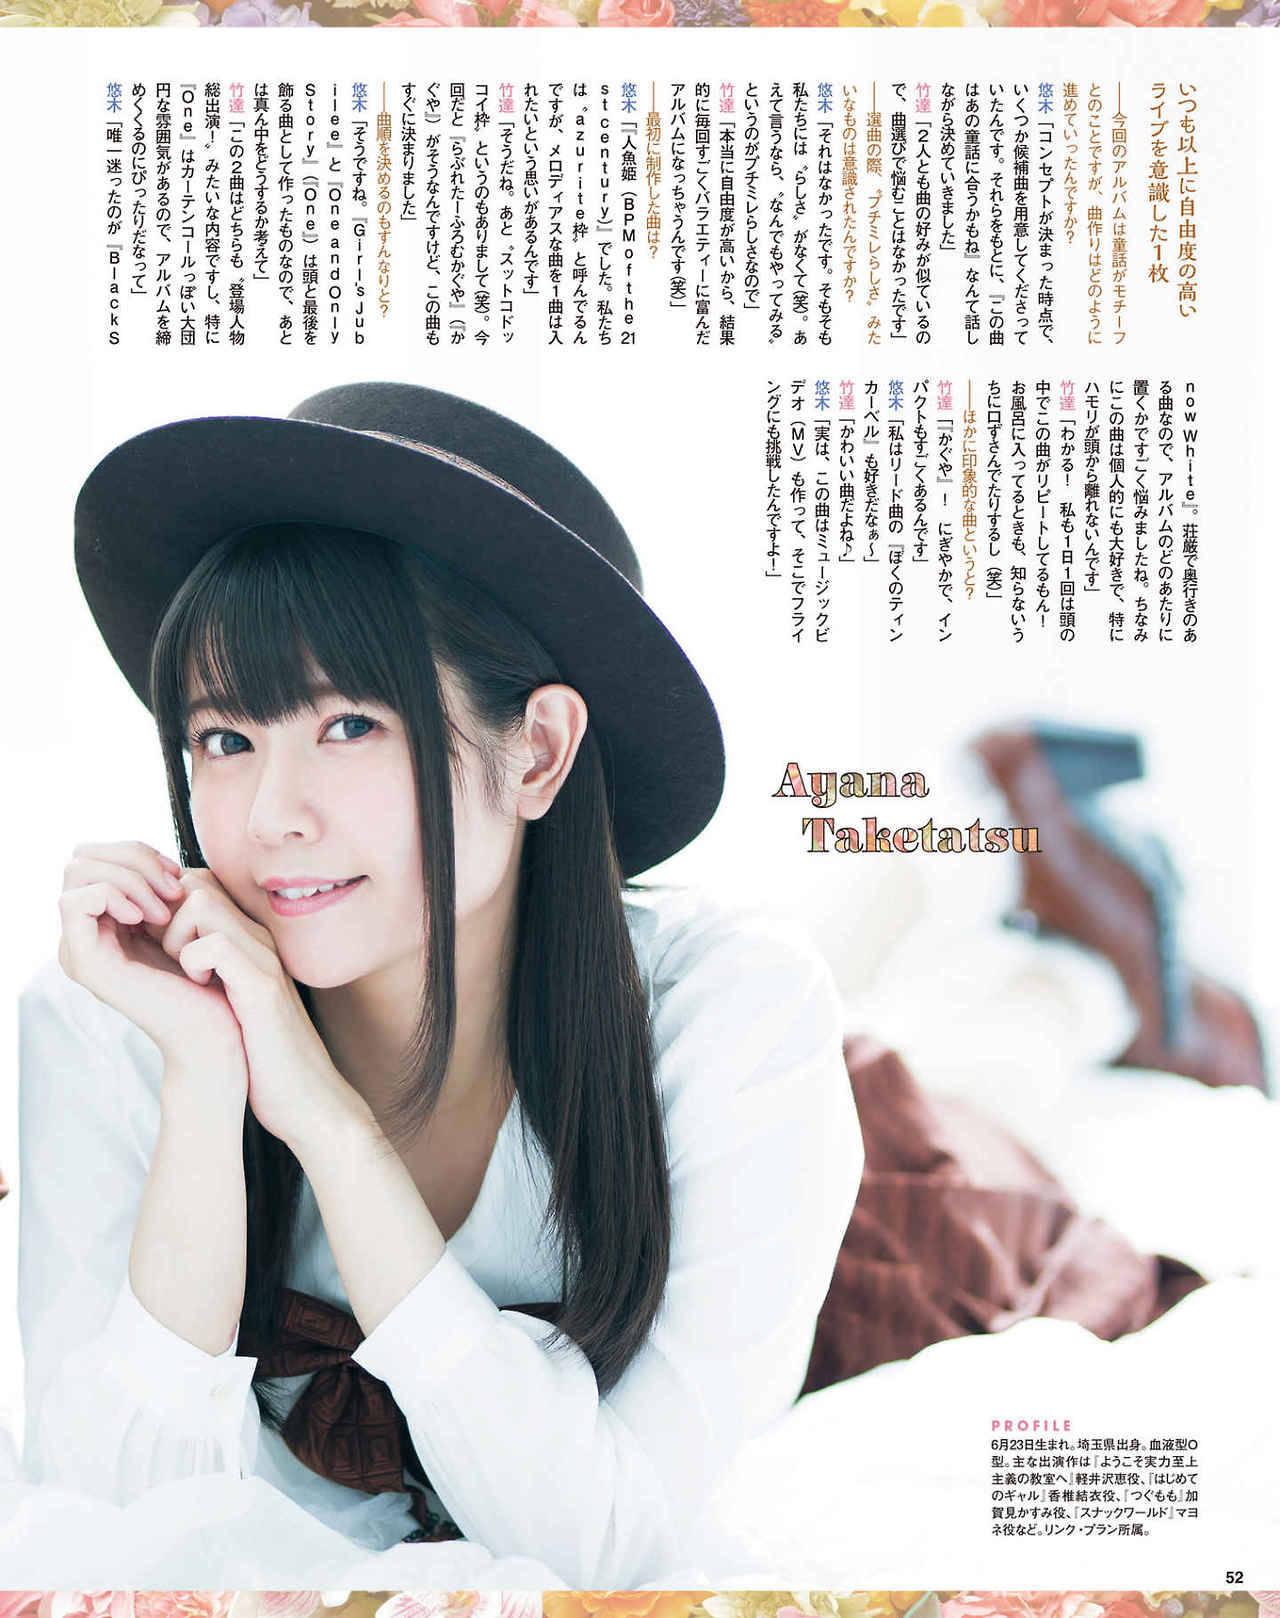 taketatsu_ayana100.jpg